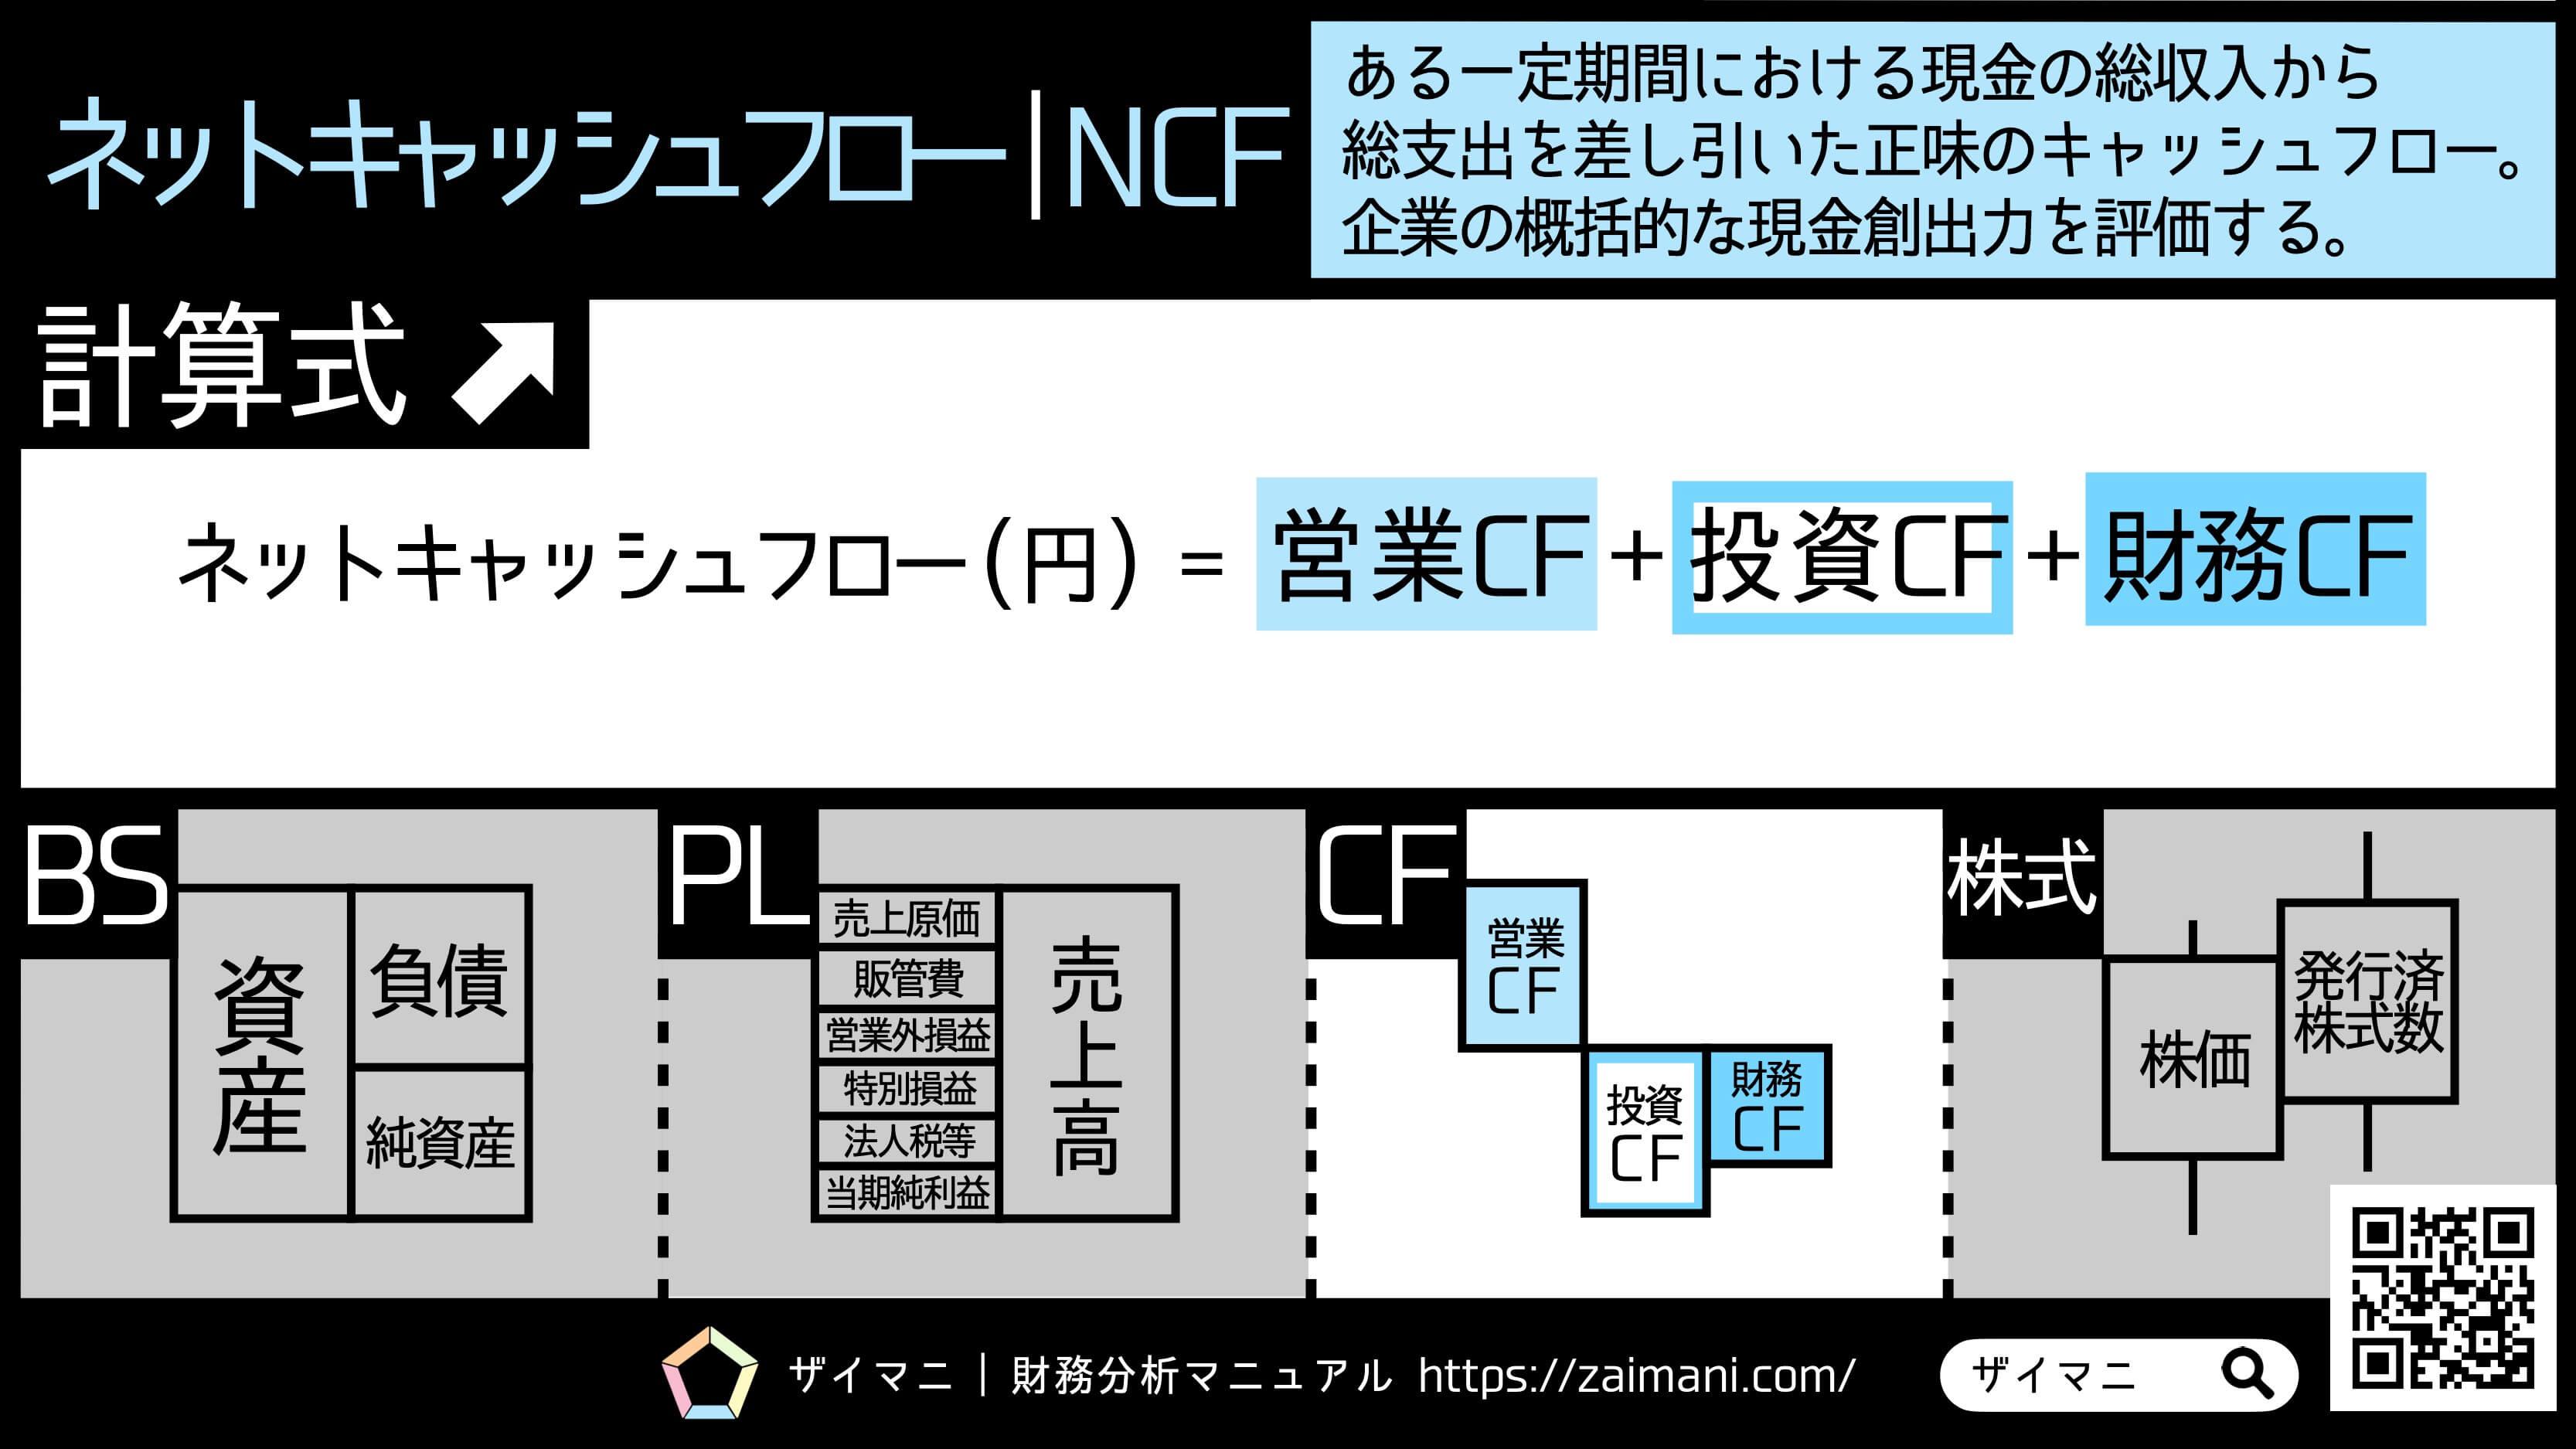 財務指標 | ネットキャッシュフロー | NCFの意味・計算式